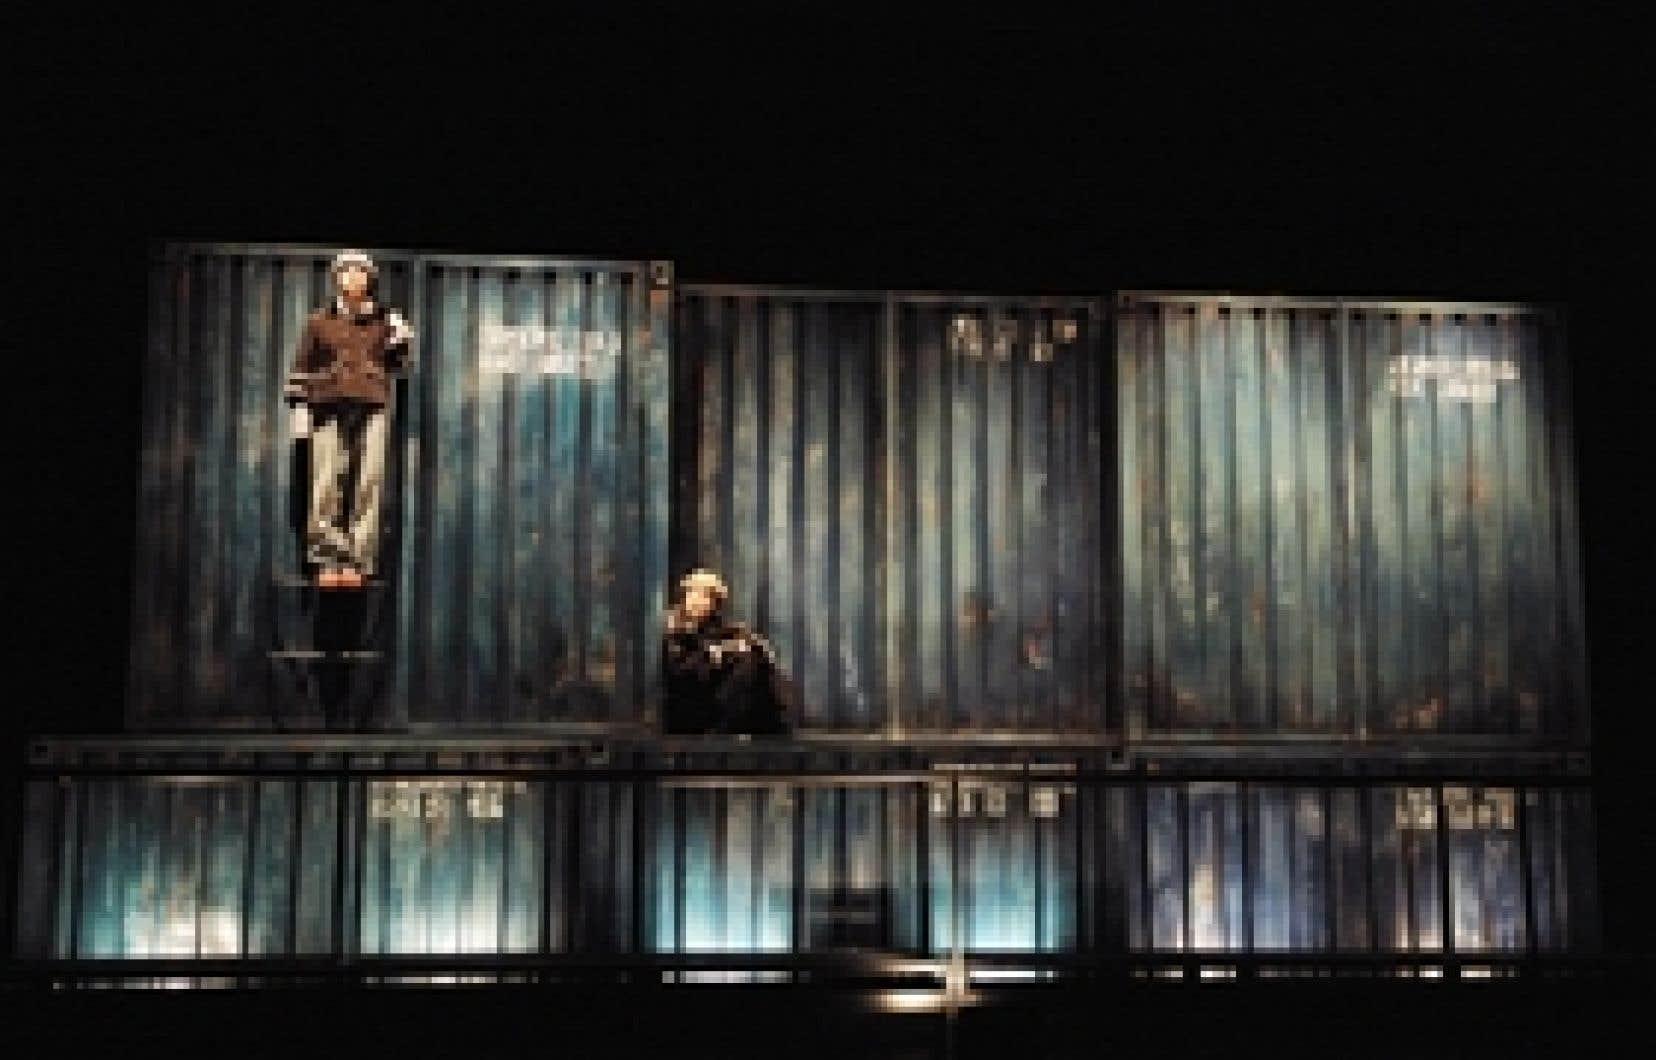 Dans La Migration des oiseaux invisibles, Jean-Rock Gaudreault raconte maintenant l'histoire de deux enfants exploités, Sinbad et Rat d'eau, embarqués clandestinement sur un cargo en route vers le pays de tous les espoirs possibles.